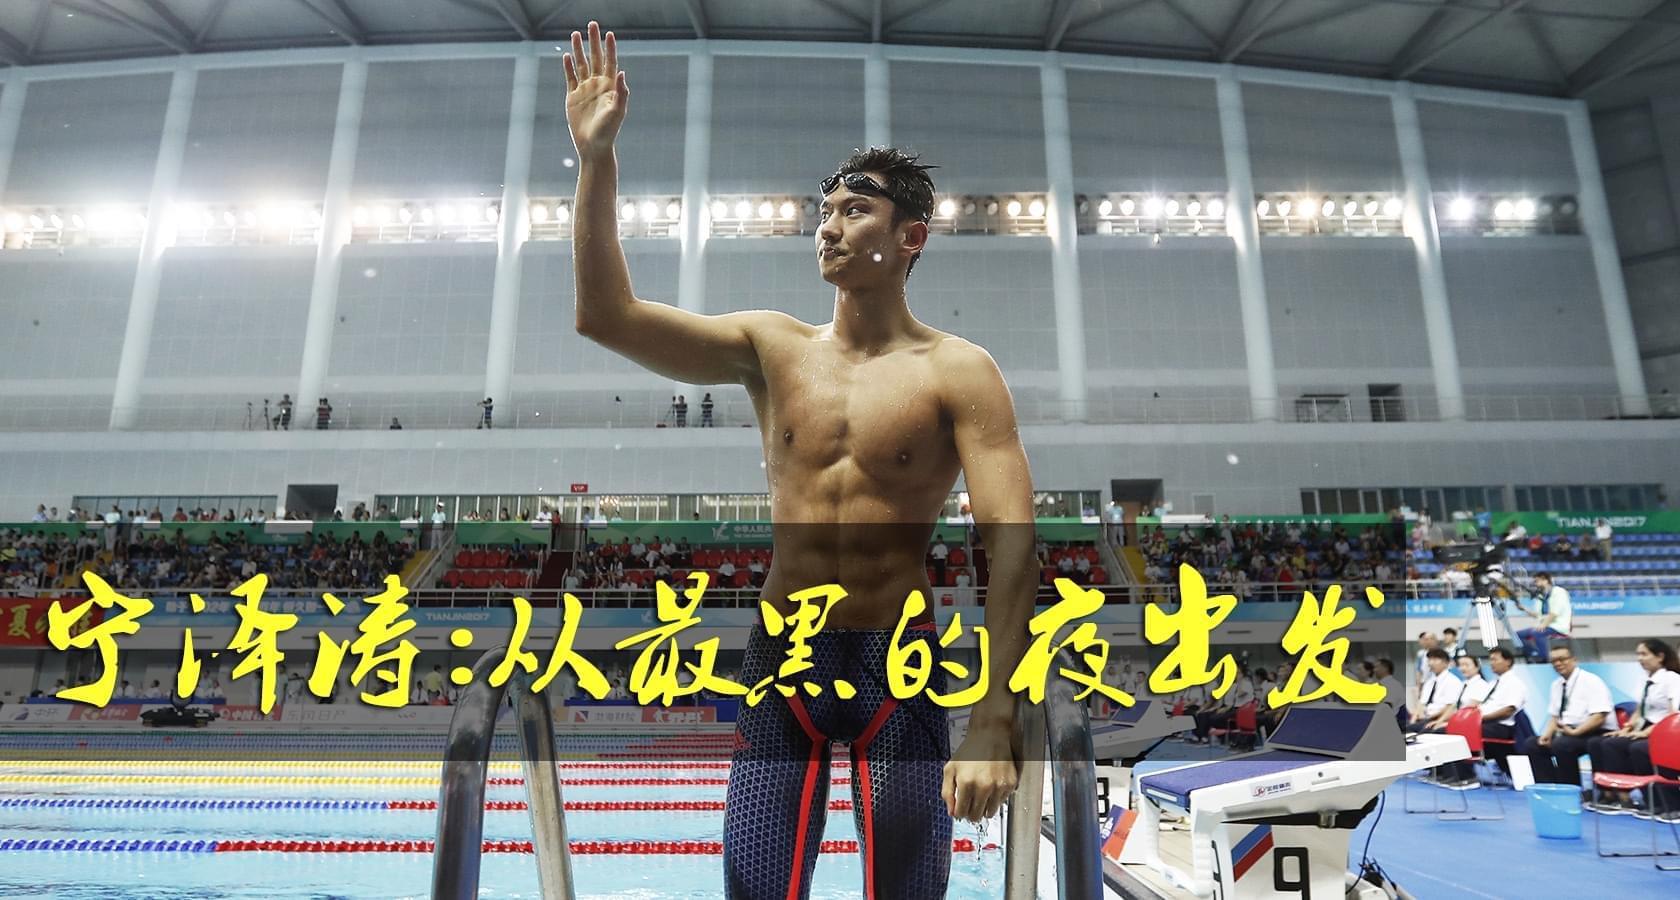 宁泽涛:仅3月让中国100自重回世界水平 现在才是快乐的自由之泳